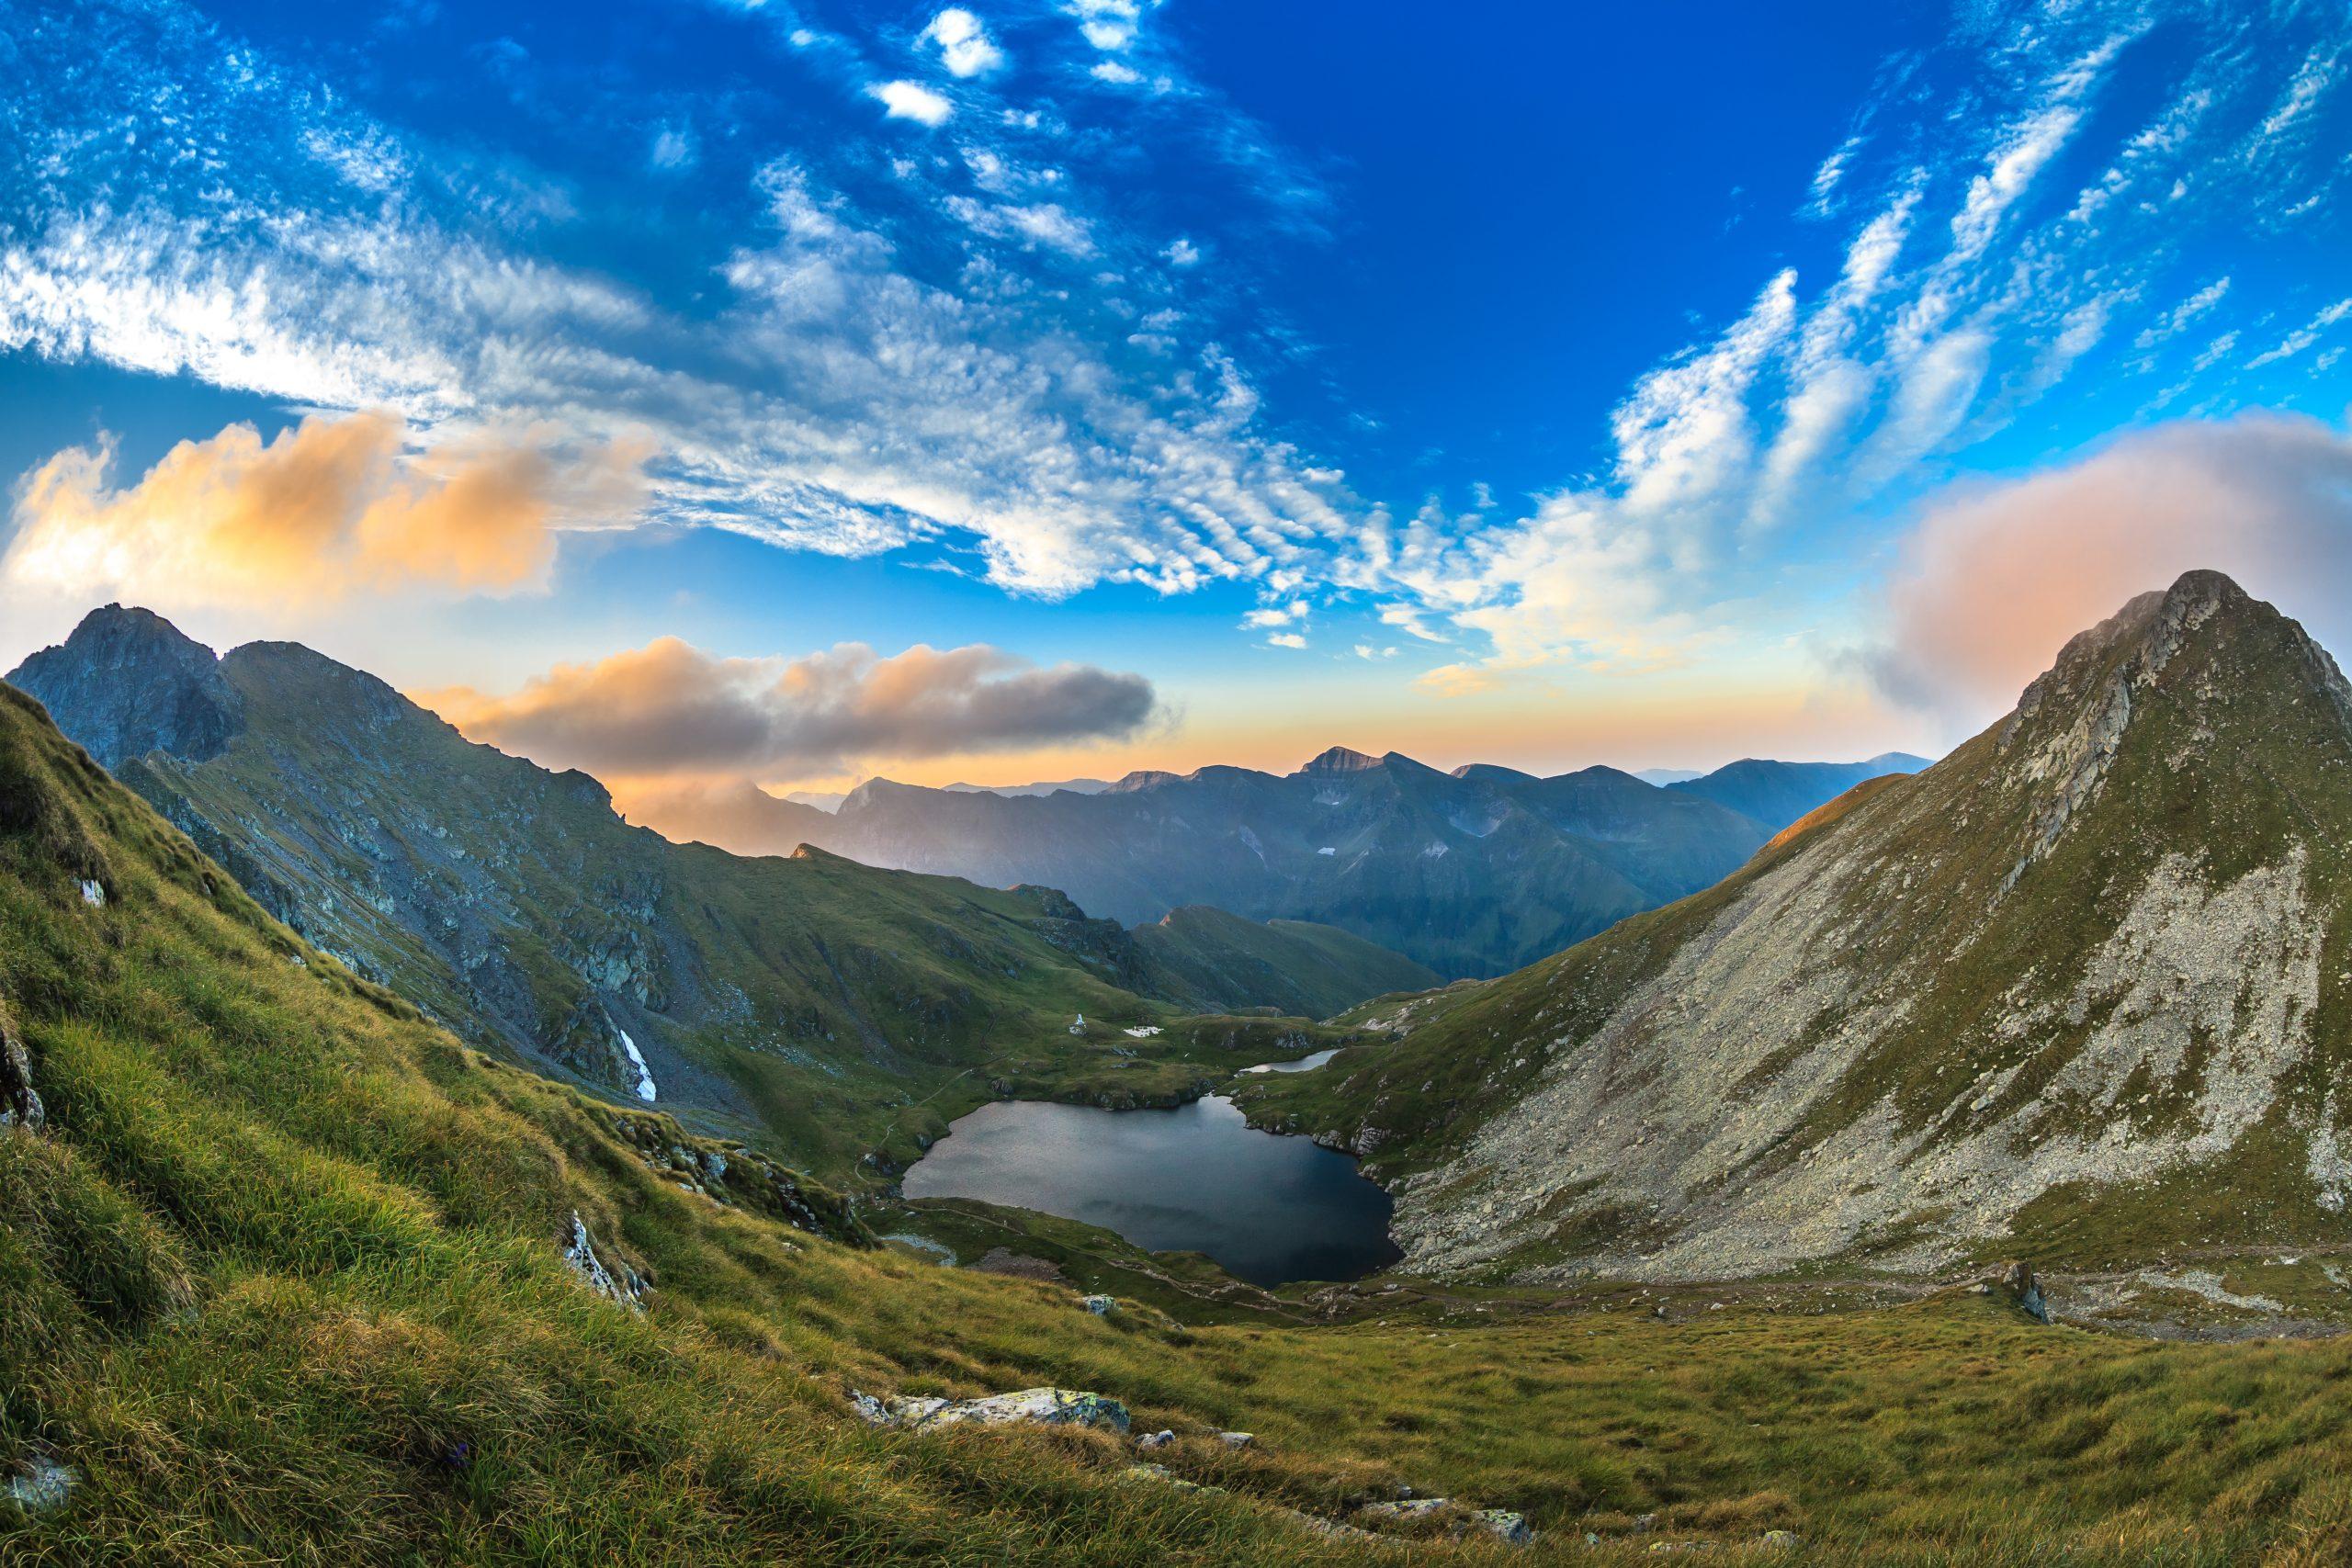 capra lake fagaras mountains romania PNXDZR2 scaled